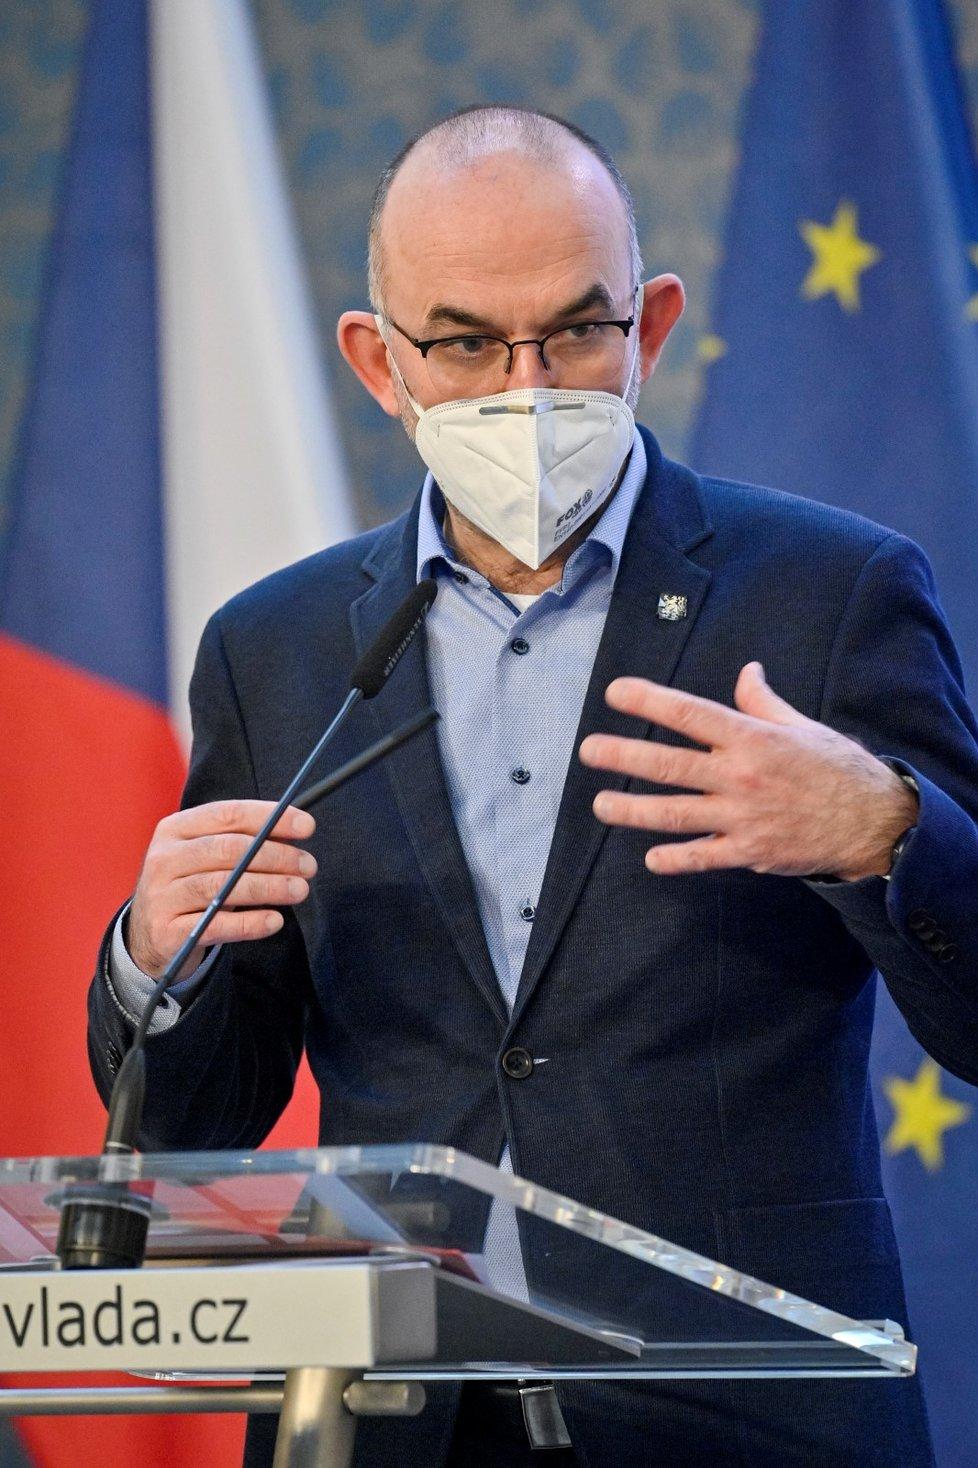 Ministr zdravotnictví Jan Blatný vystoupil v Praze na tiskové konferenci po mimořádném jednání vlády (19. 2. 2021)